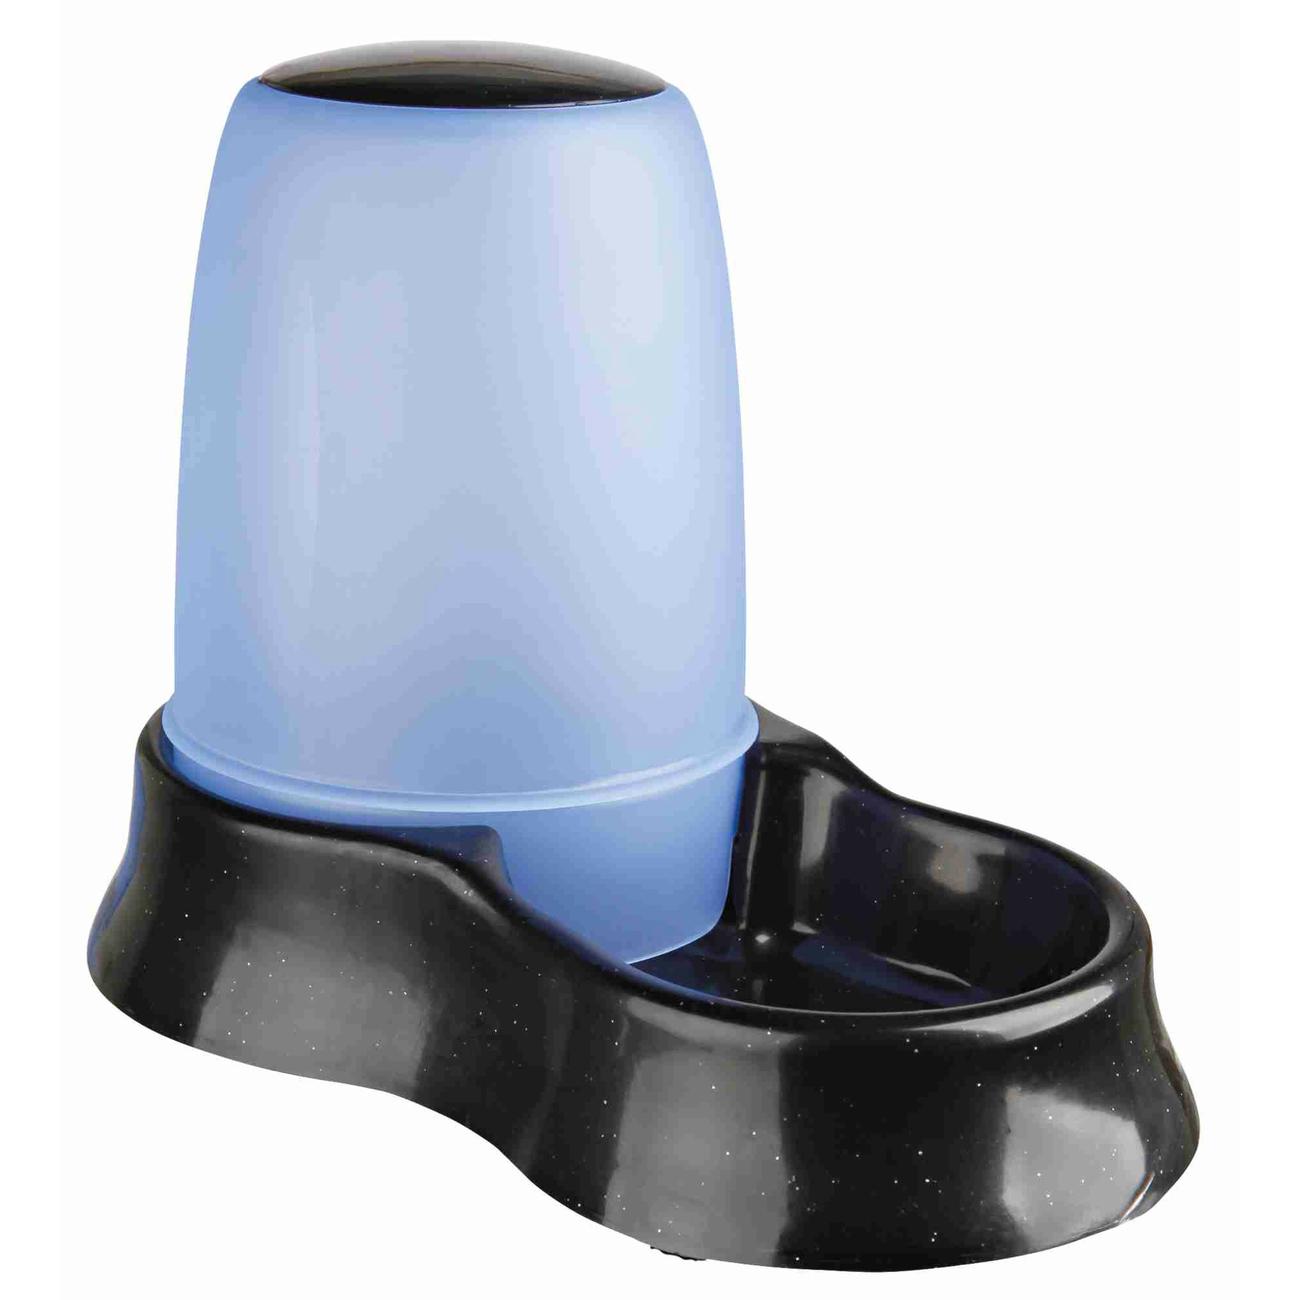 TRIXIE Futterspender Wasserspender für Hunde 24761, Bild 3